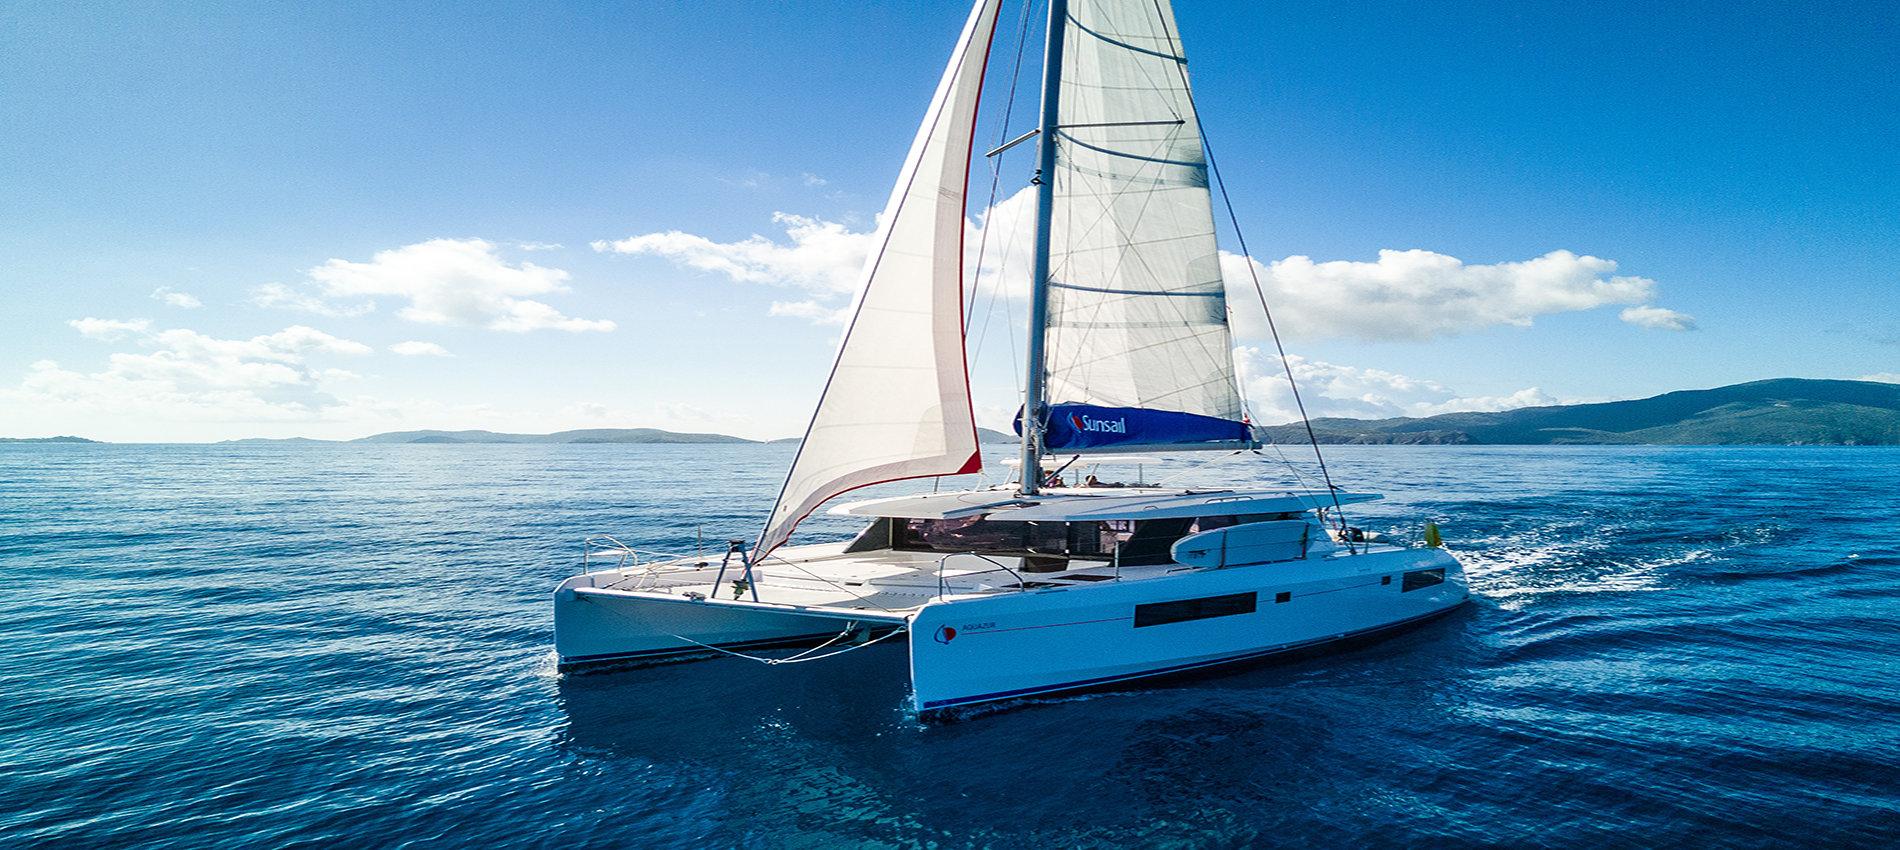 Sunsail catamaran